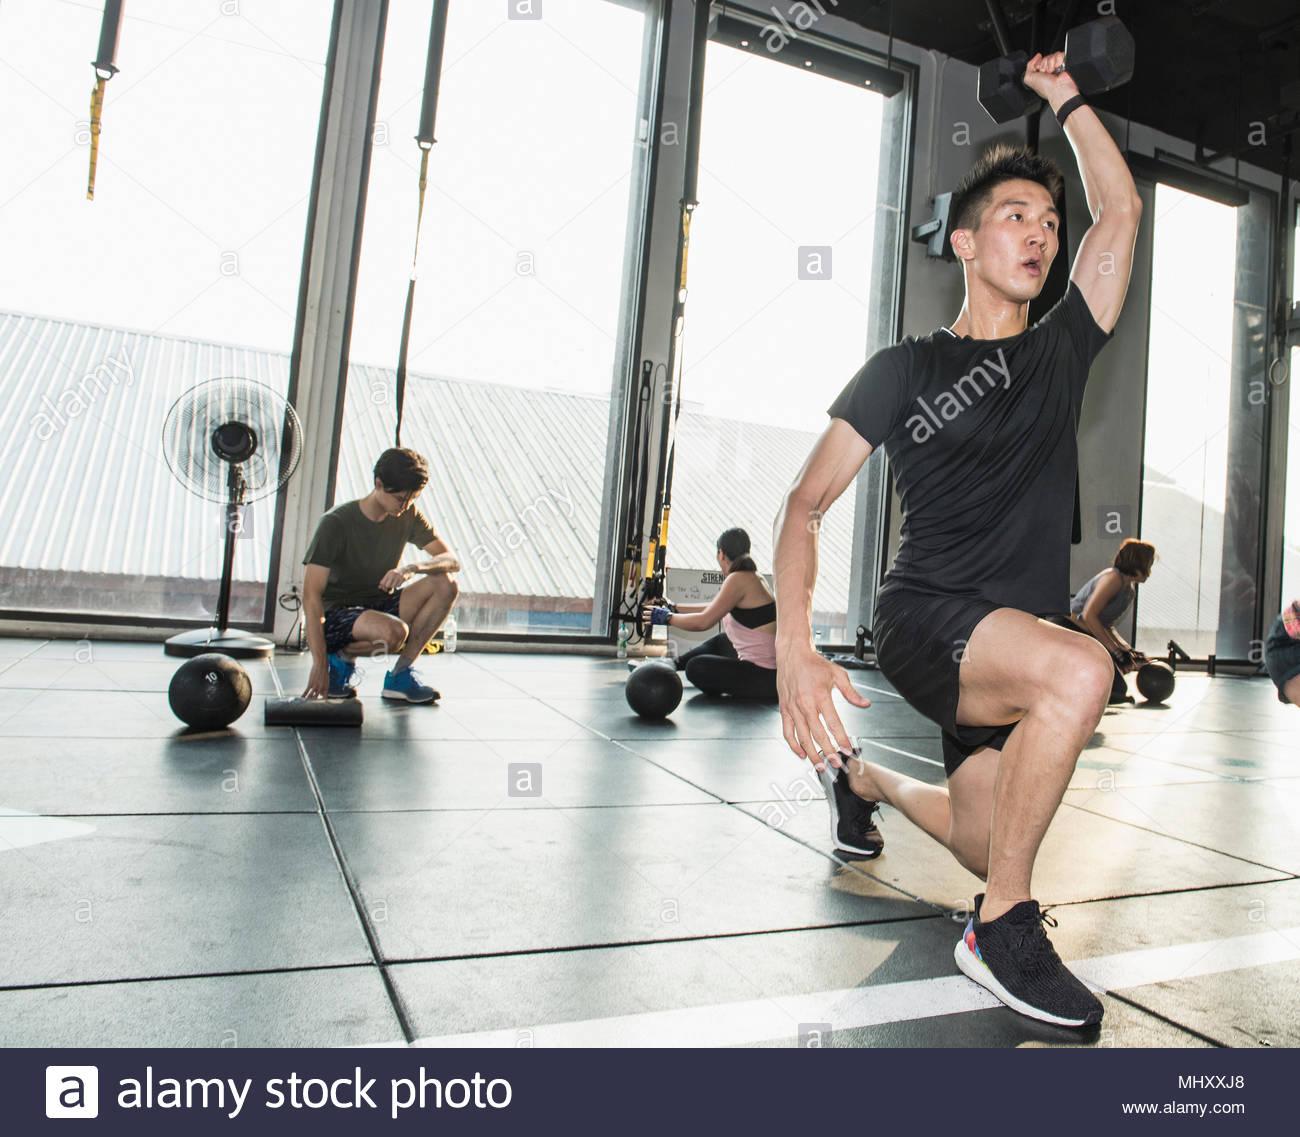 Groupe de personnes travaillant dans une salle de sport, l'homme en premier plan poids de main levée Photo Stock